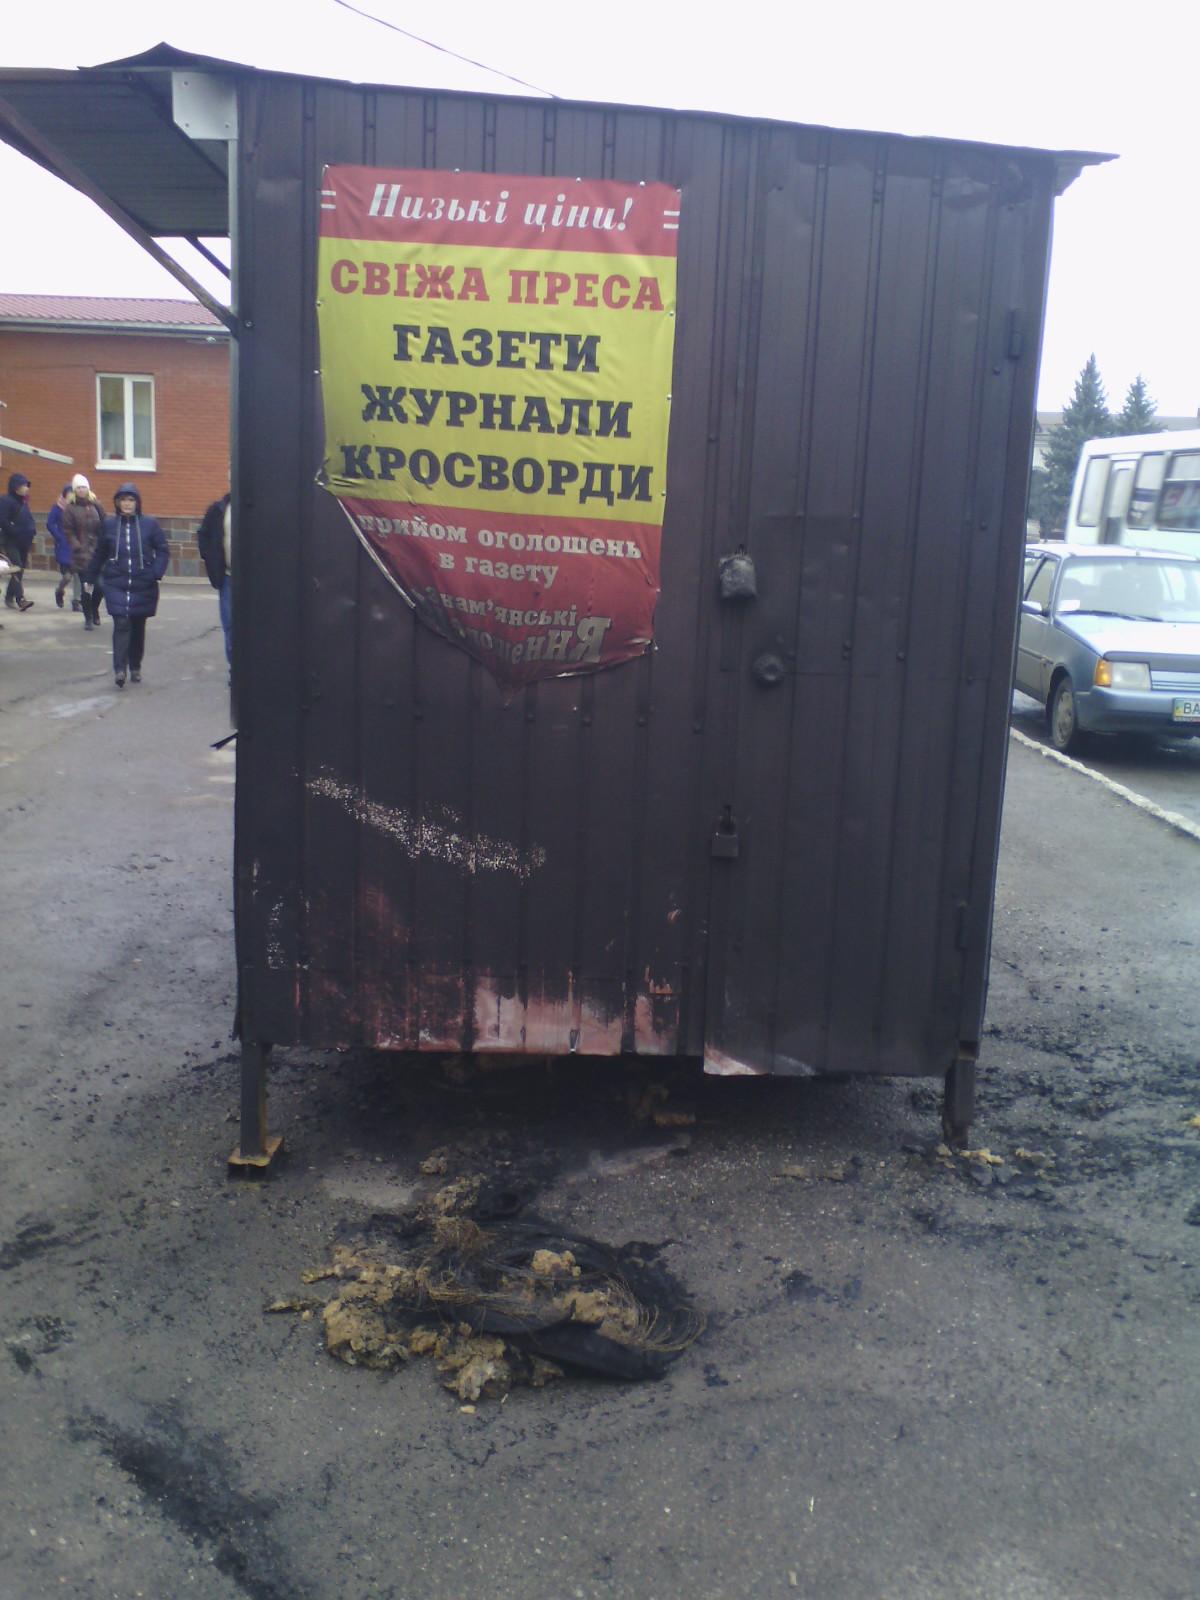 Кіровоградщина: у Знам'янці  підпалили кіоск із газетами, підклавши шину. ФОТО 1